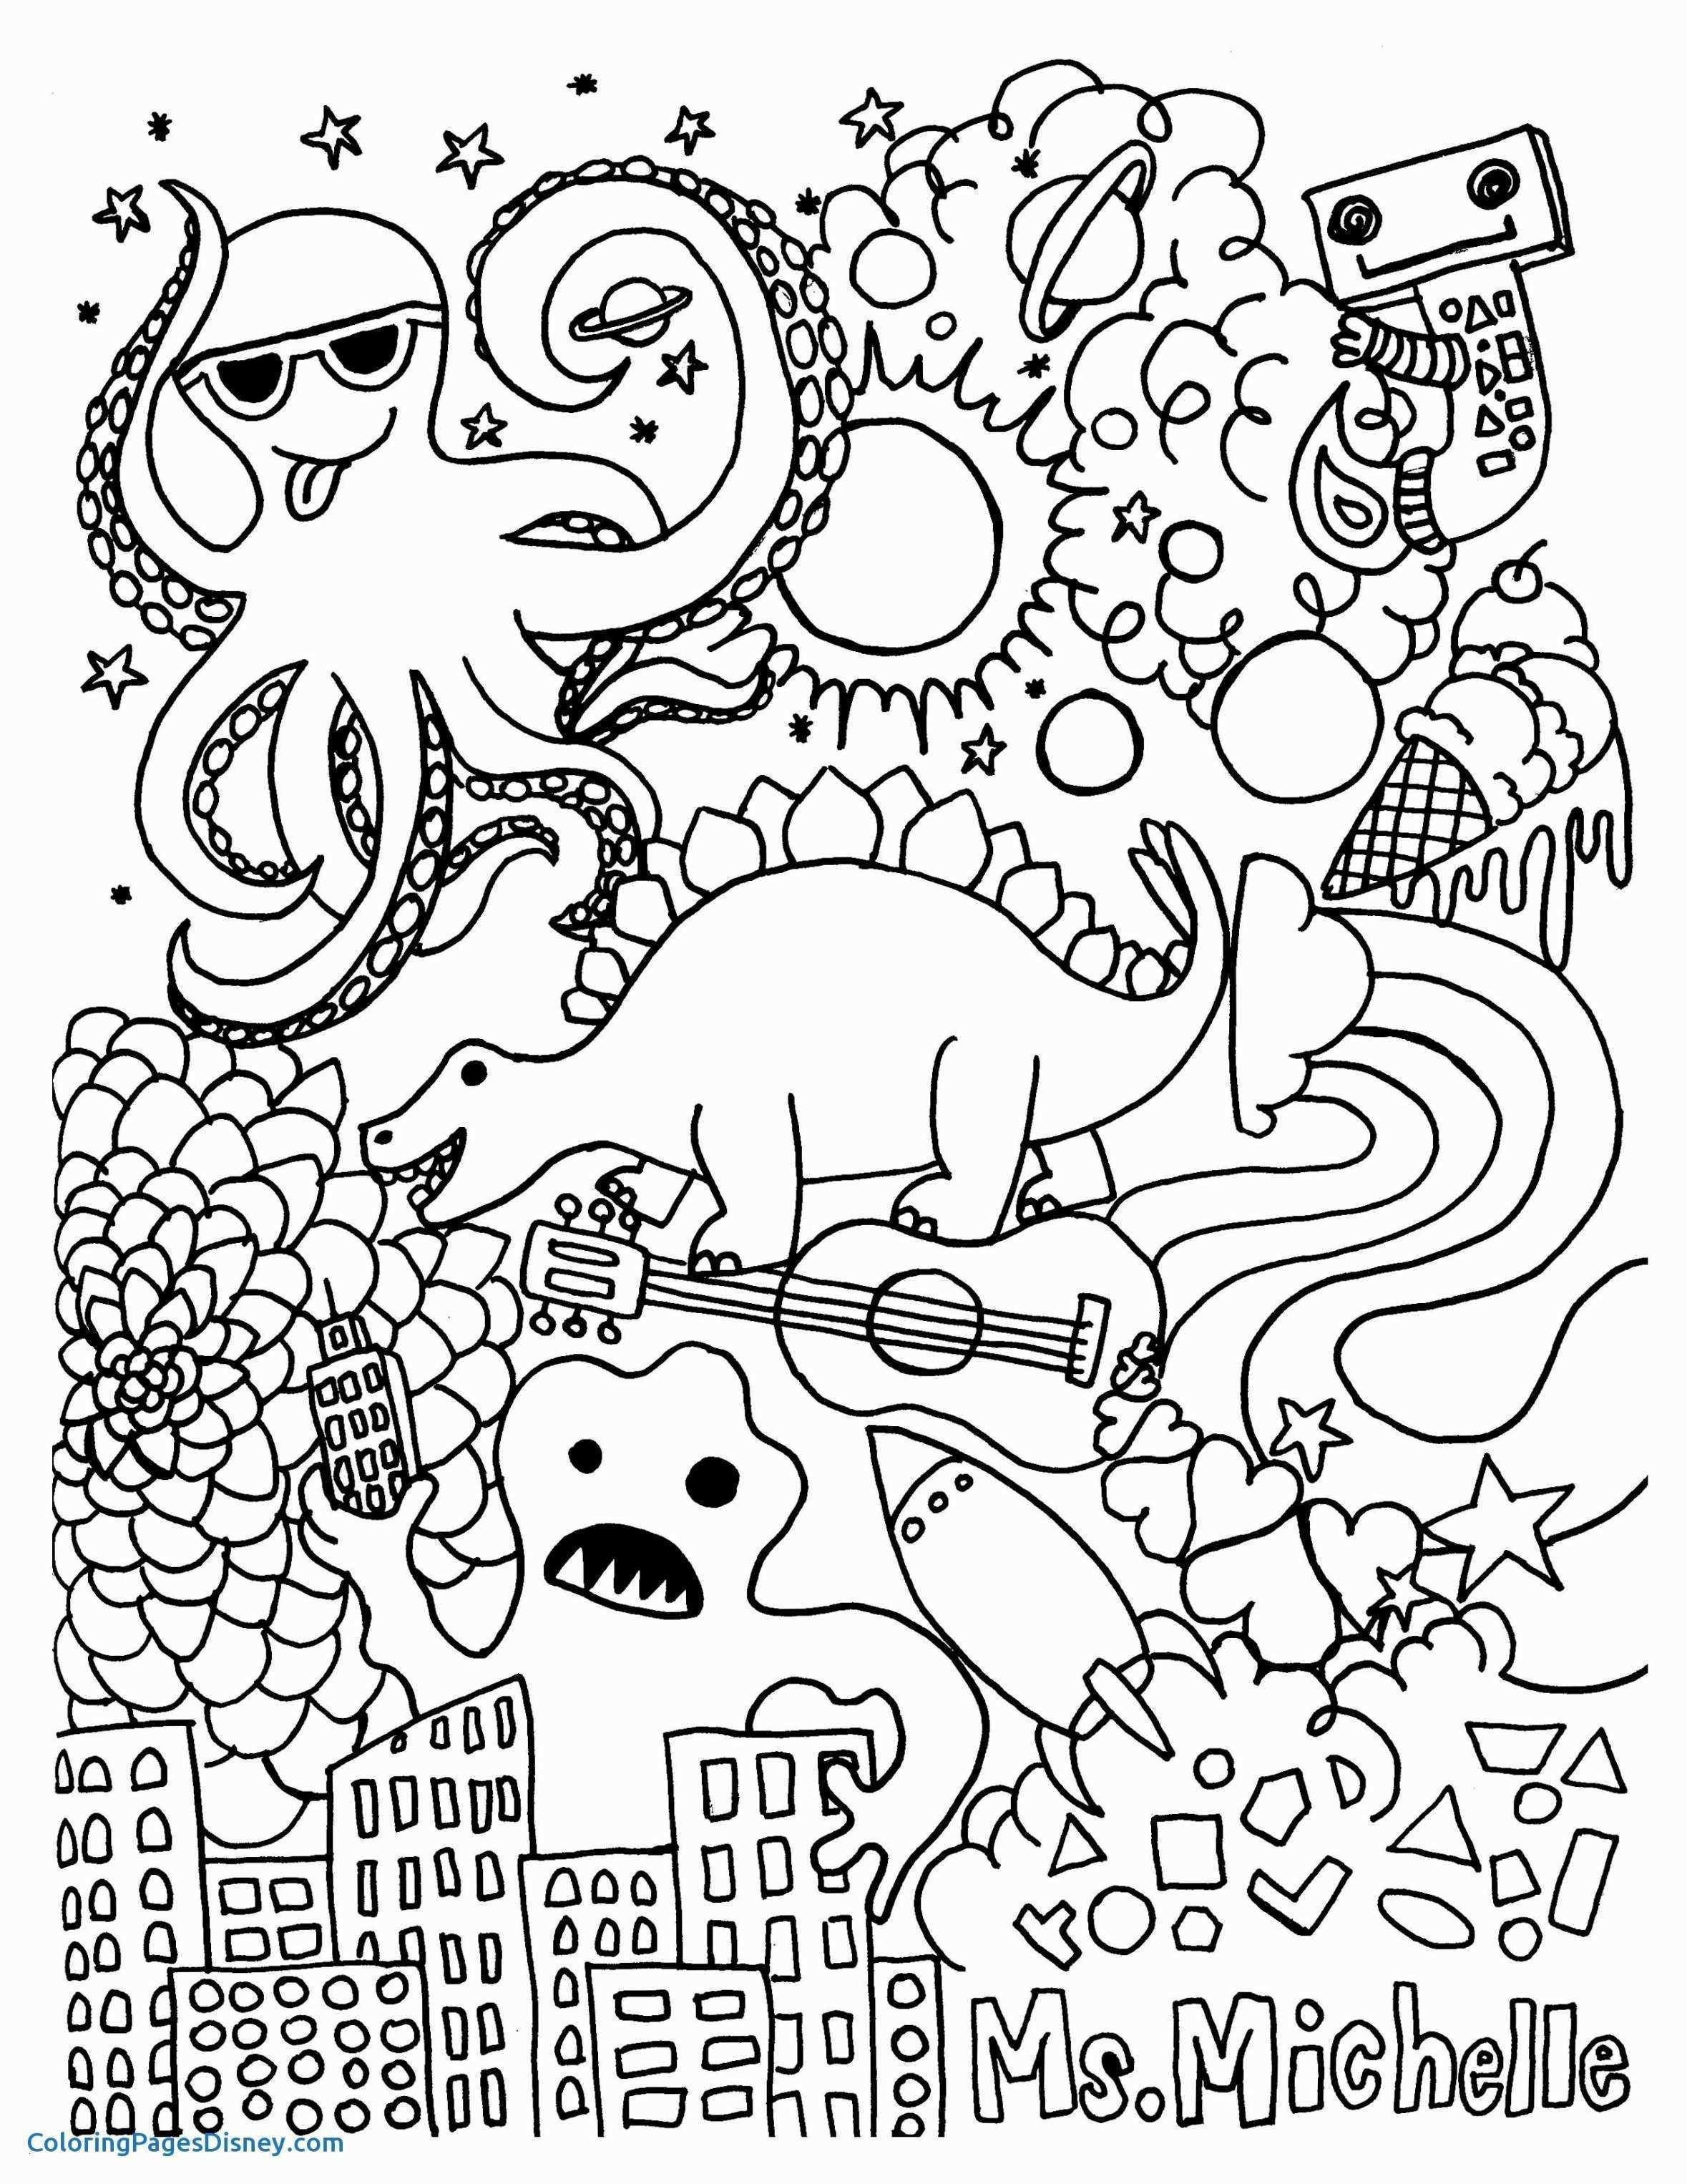 Maus Und Elefant Ausmalbilder Inspirierend Maus Und Elefant Ausmalbilder élégant S Maus Und Elefant Spiele Fotografieren